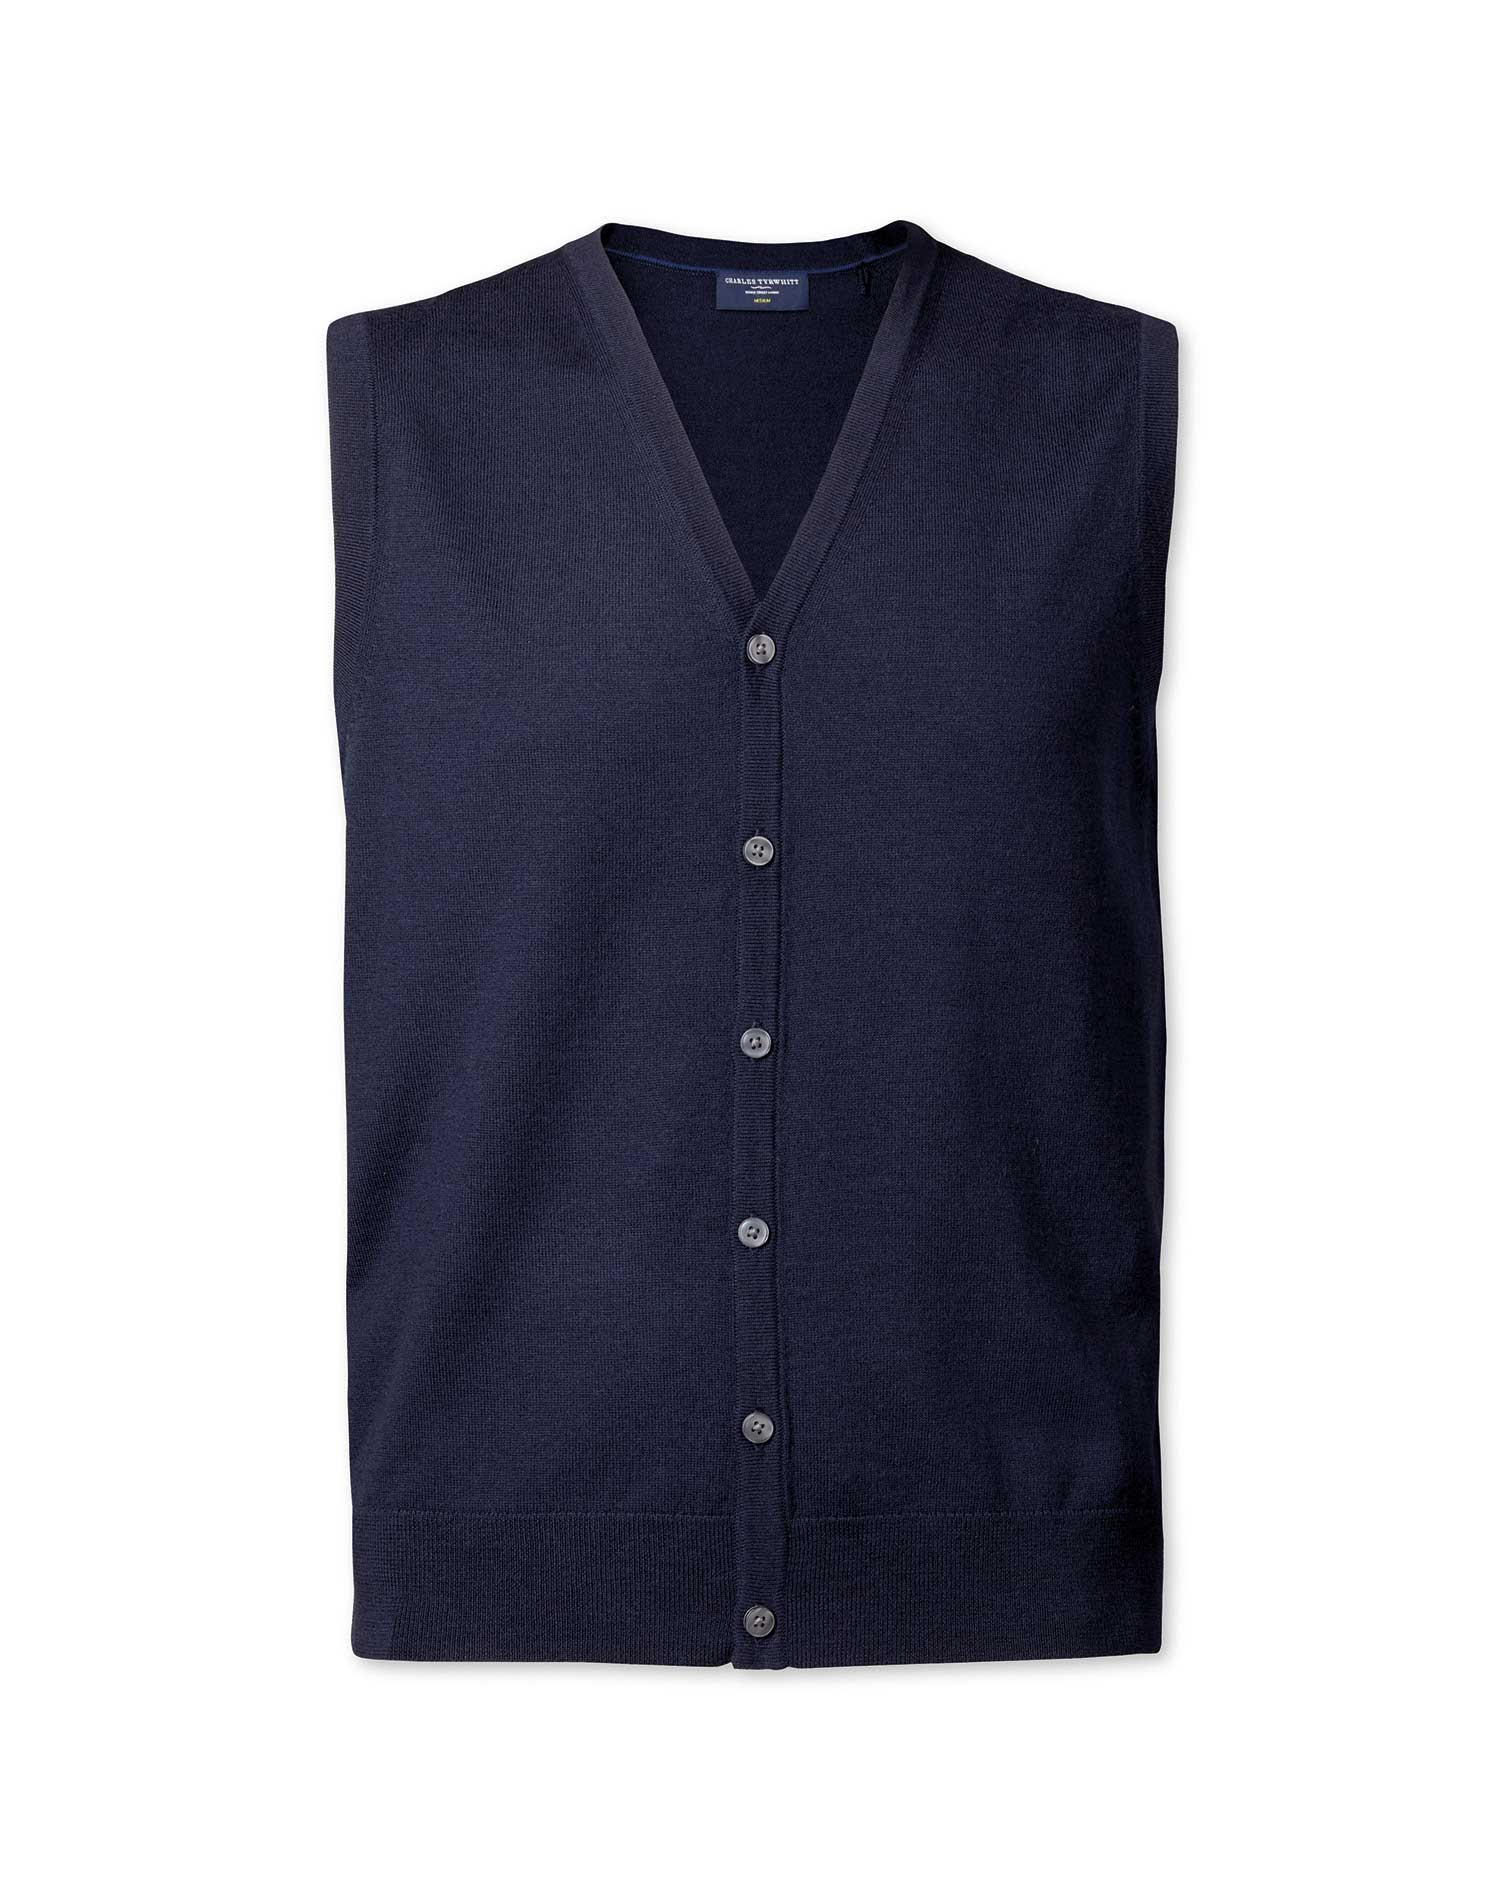 Navy Merino Wool Waistcoat Size Medium by Charles Tyrwhitt